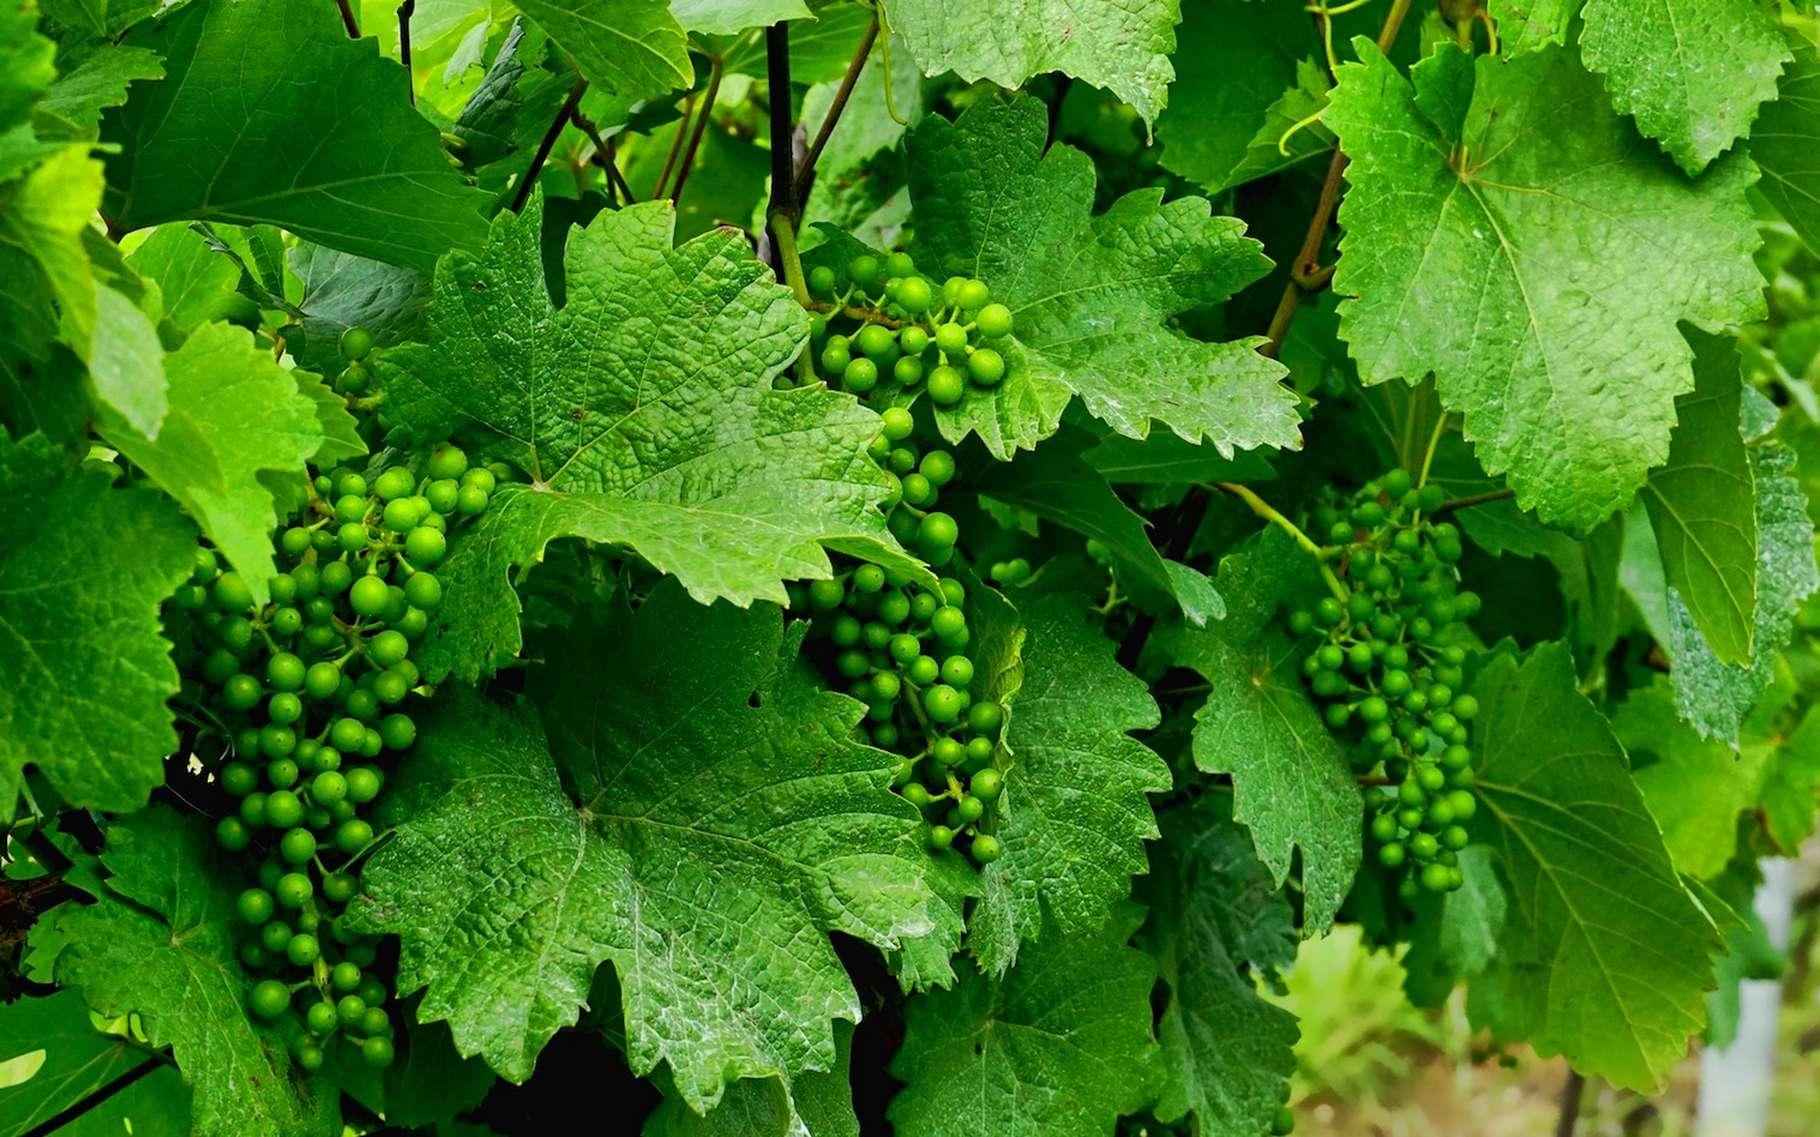 La bouillie bordelaise est un traitement fongicide mis au point pour traiter le mildiou de la vigne. © Schwoaze, Pixabay, CC0 Creative Commons